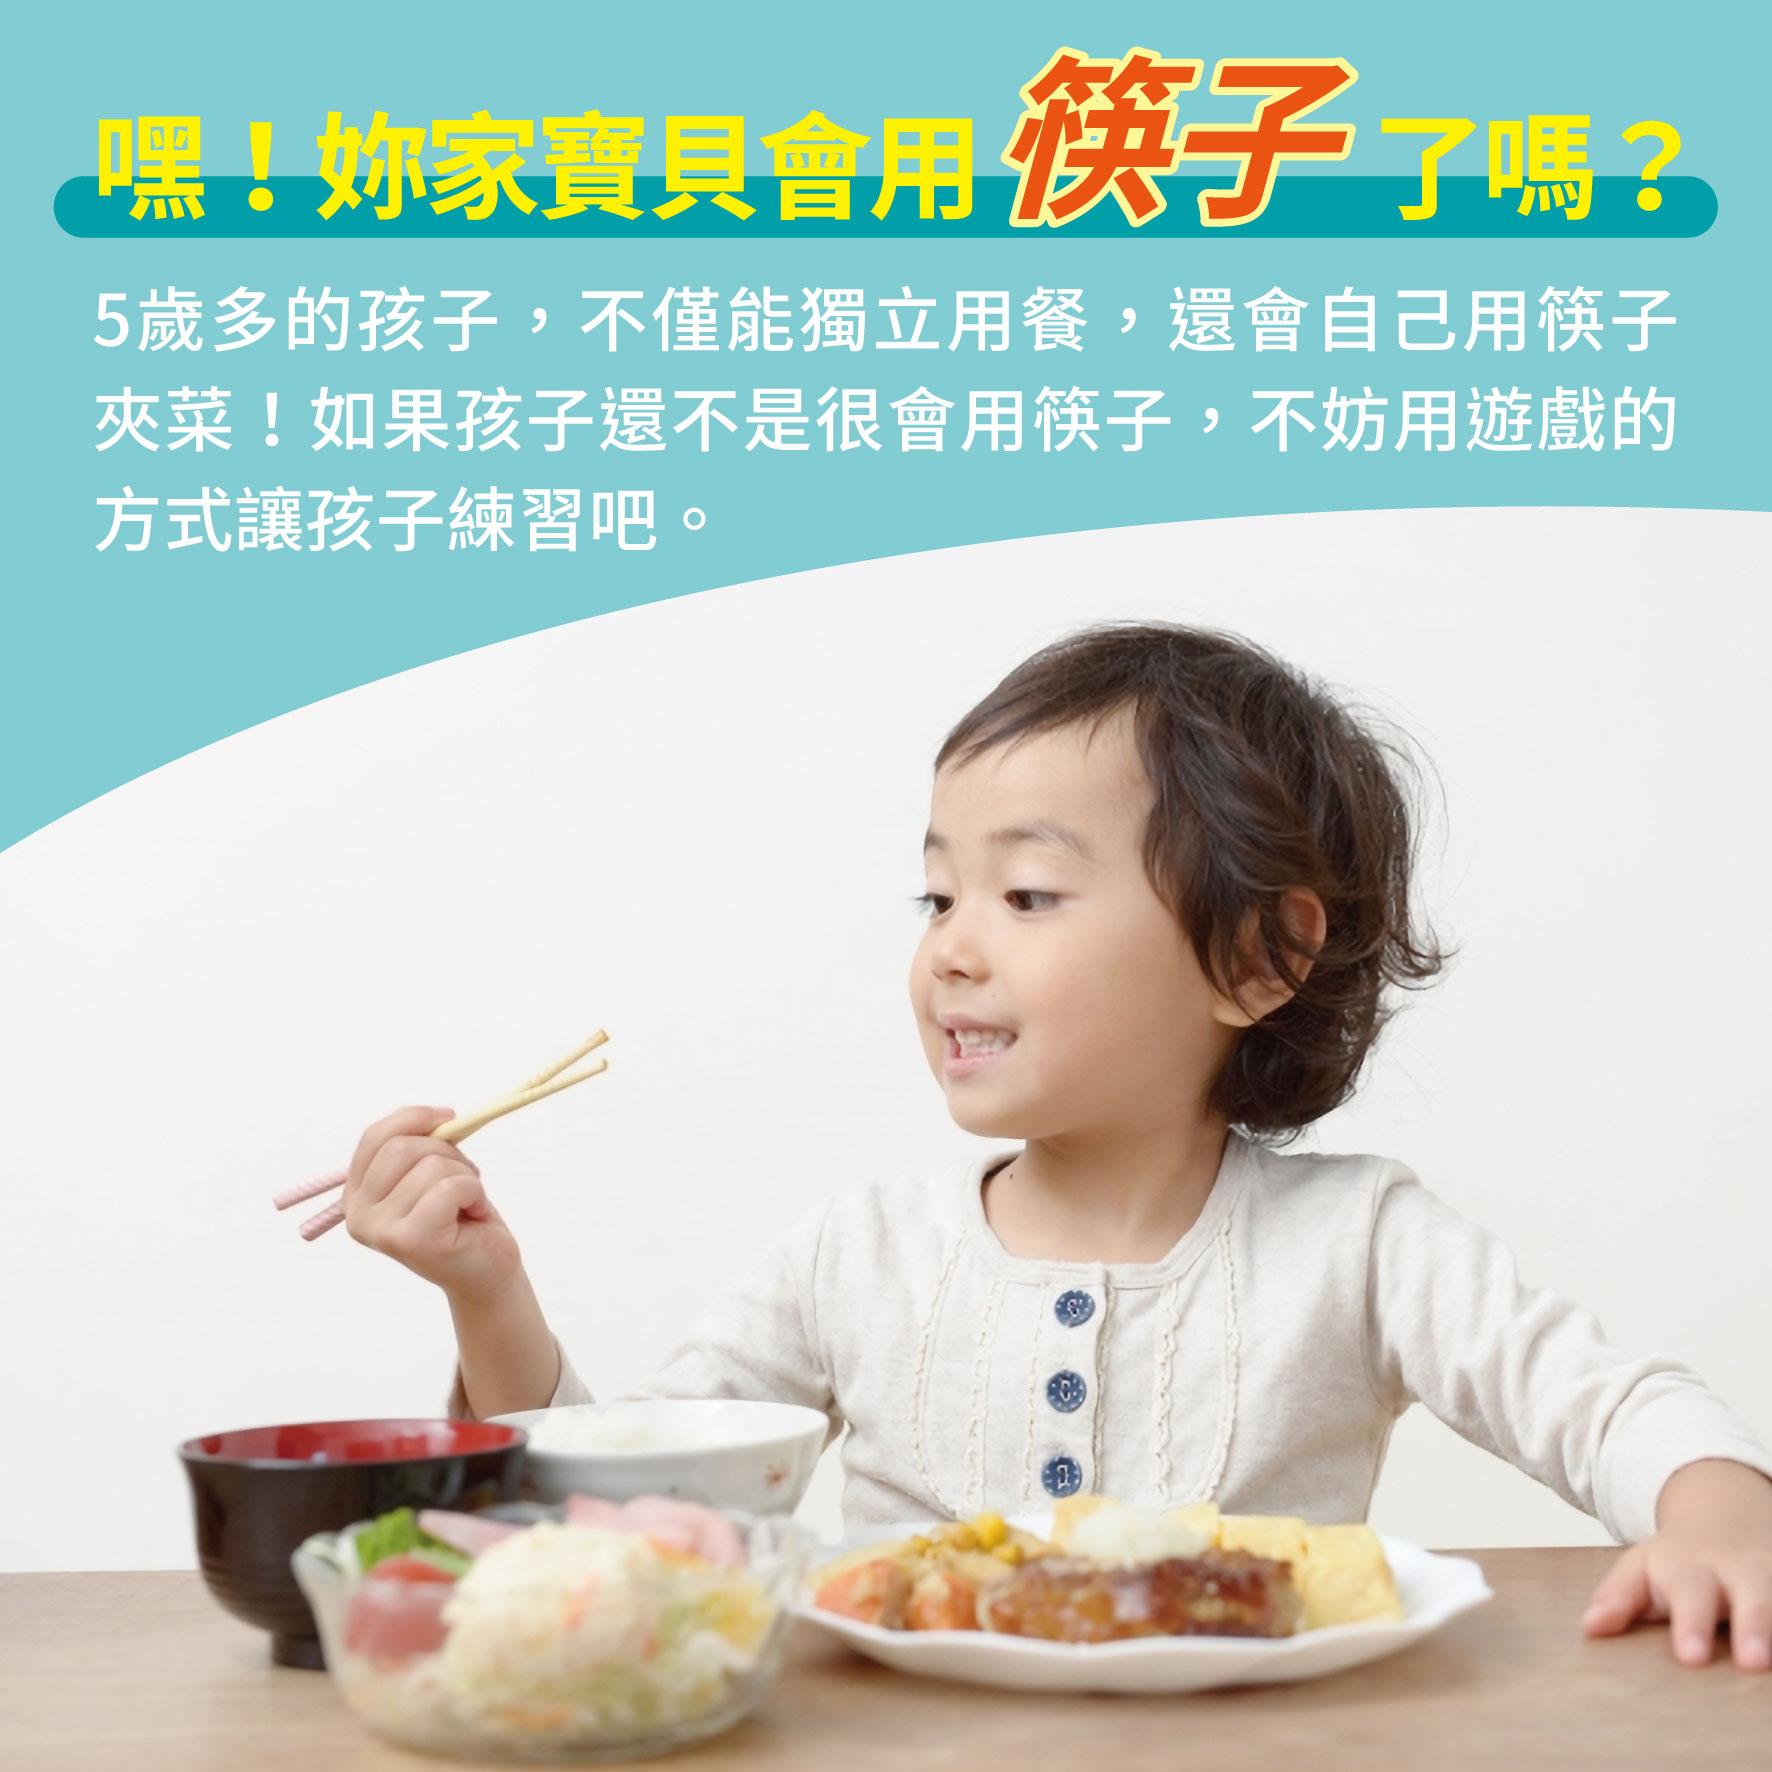 幼兒5歲(第32週)嘿!妳家寶貝會用筷子了嗎?